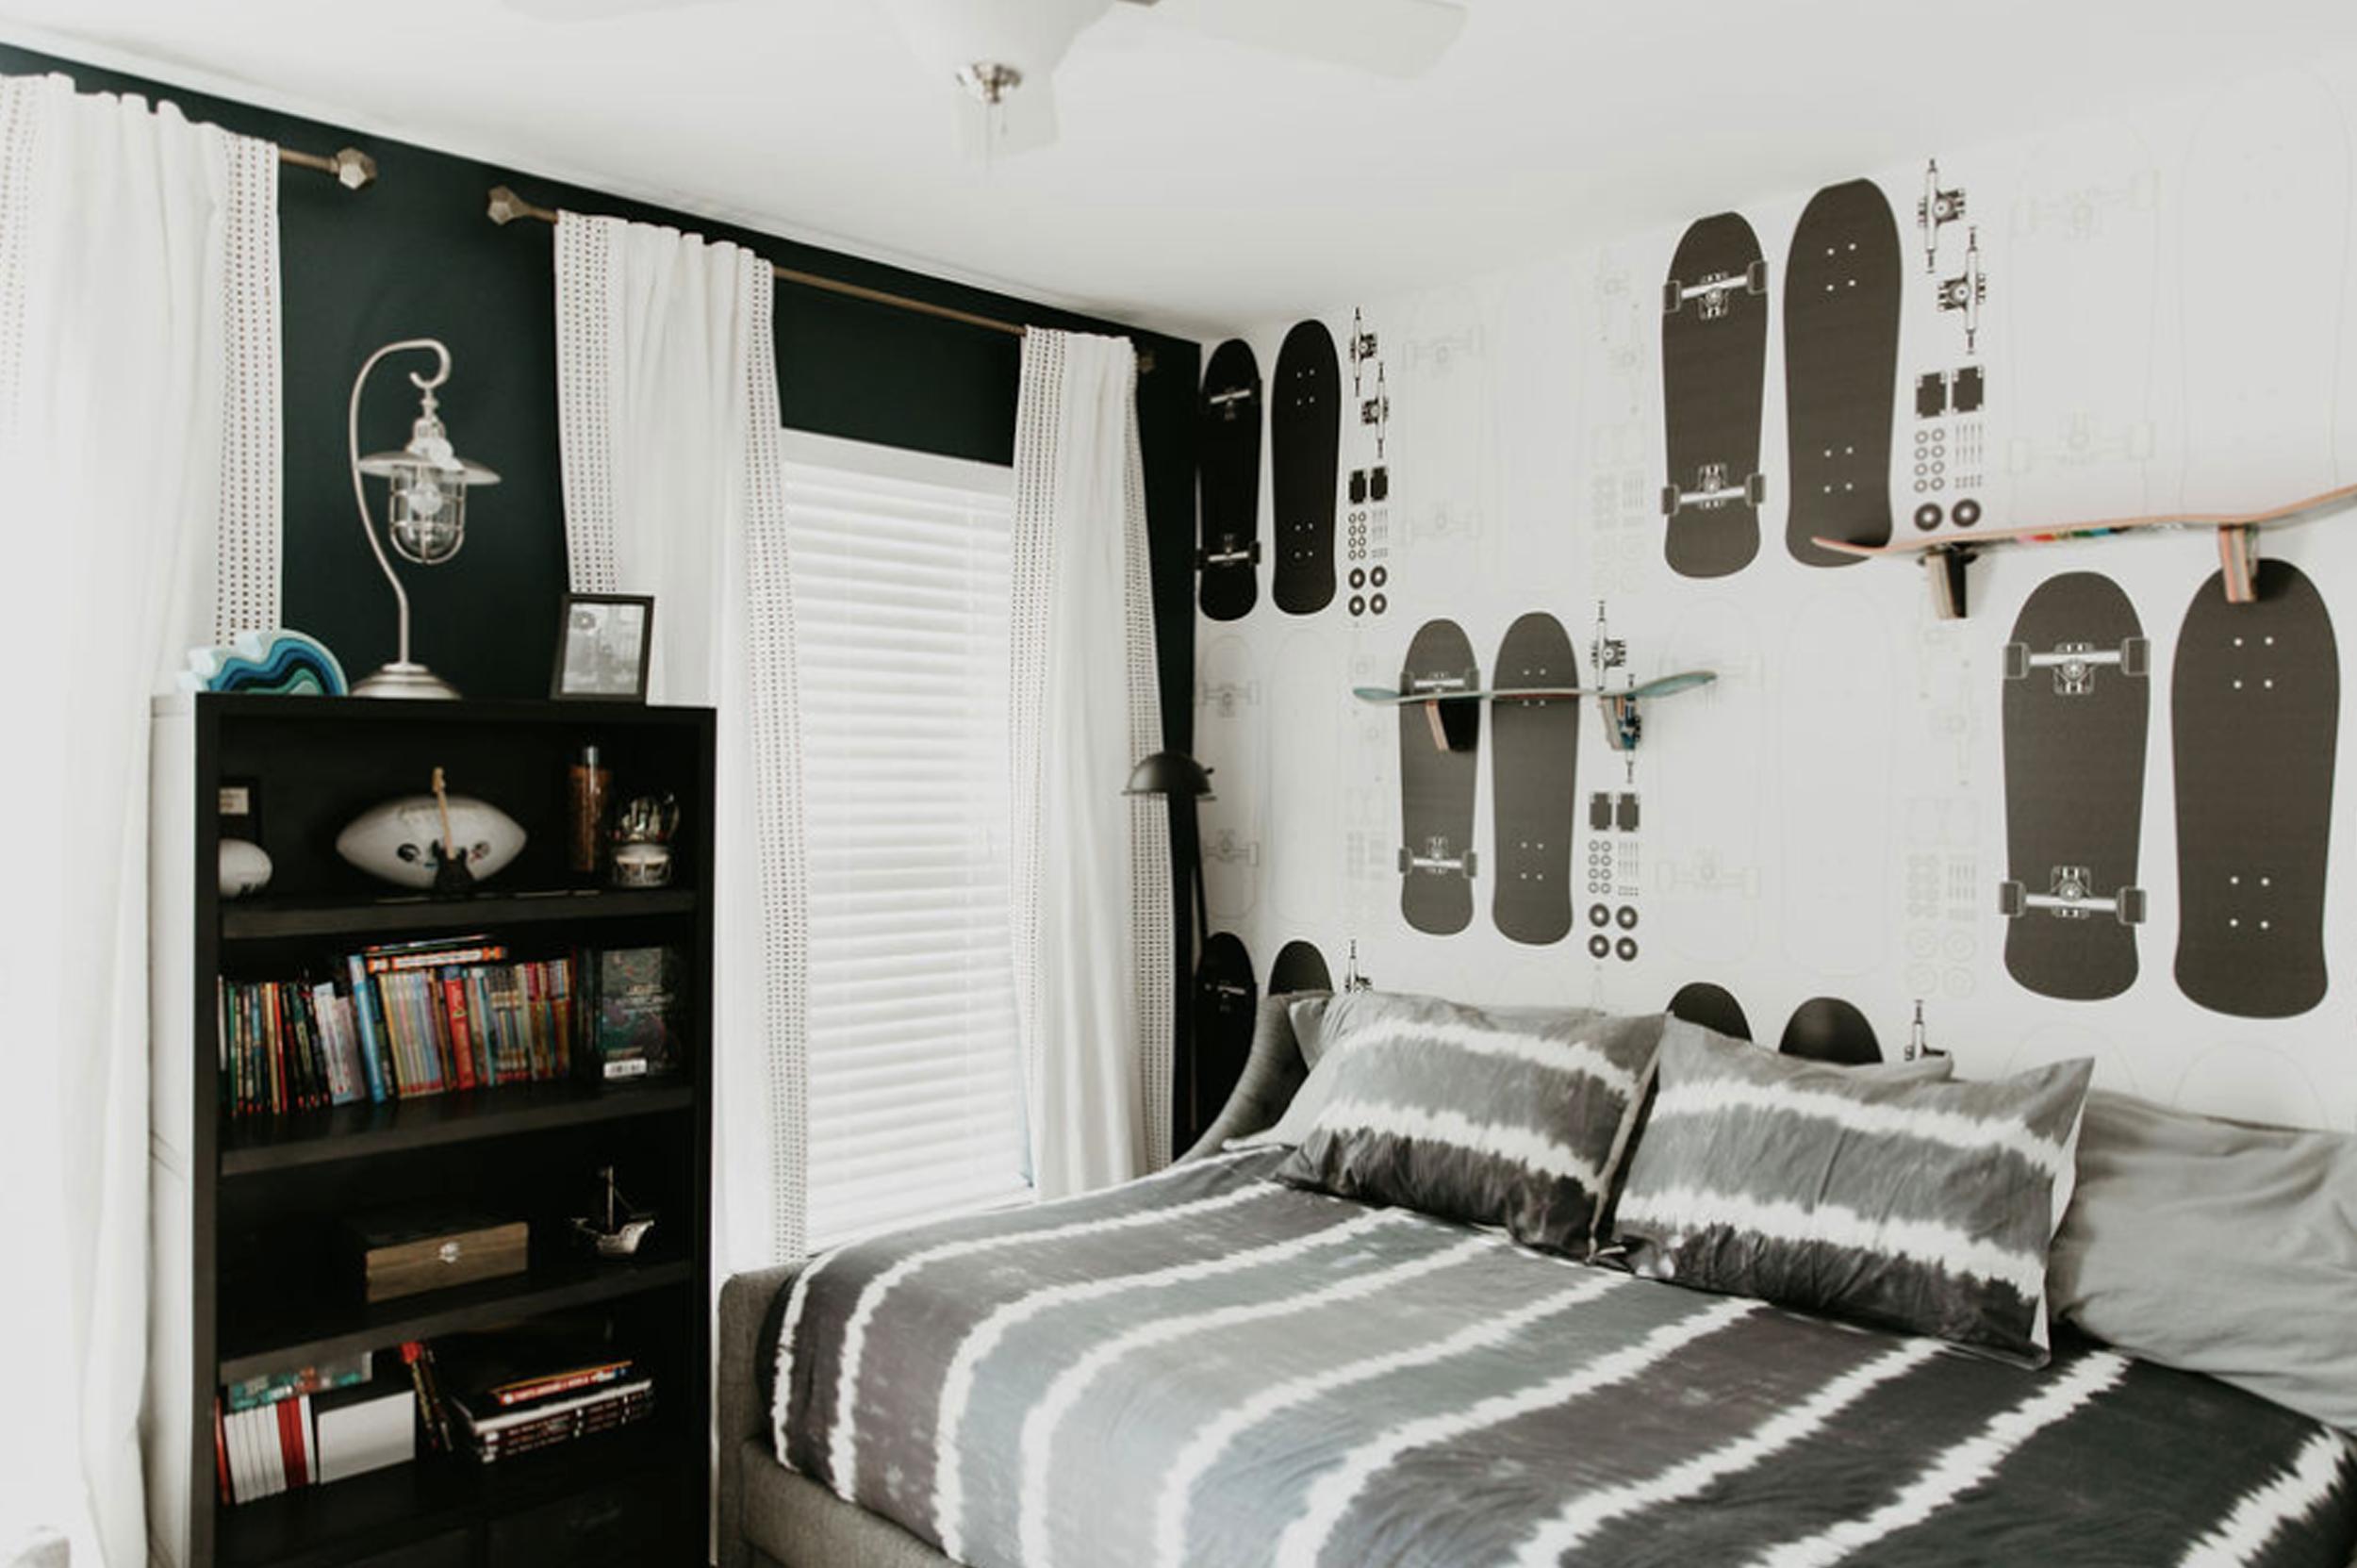 Doorley Teen Bedroom Design